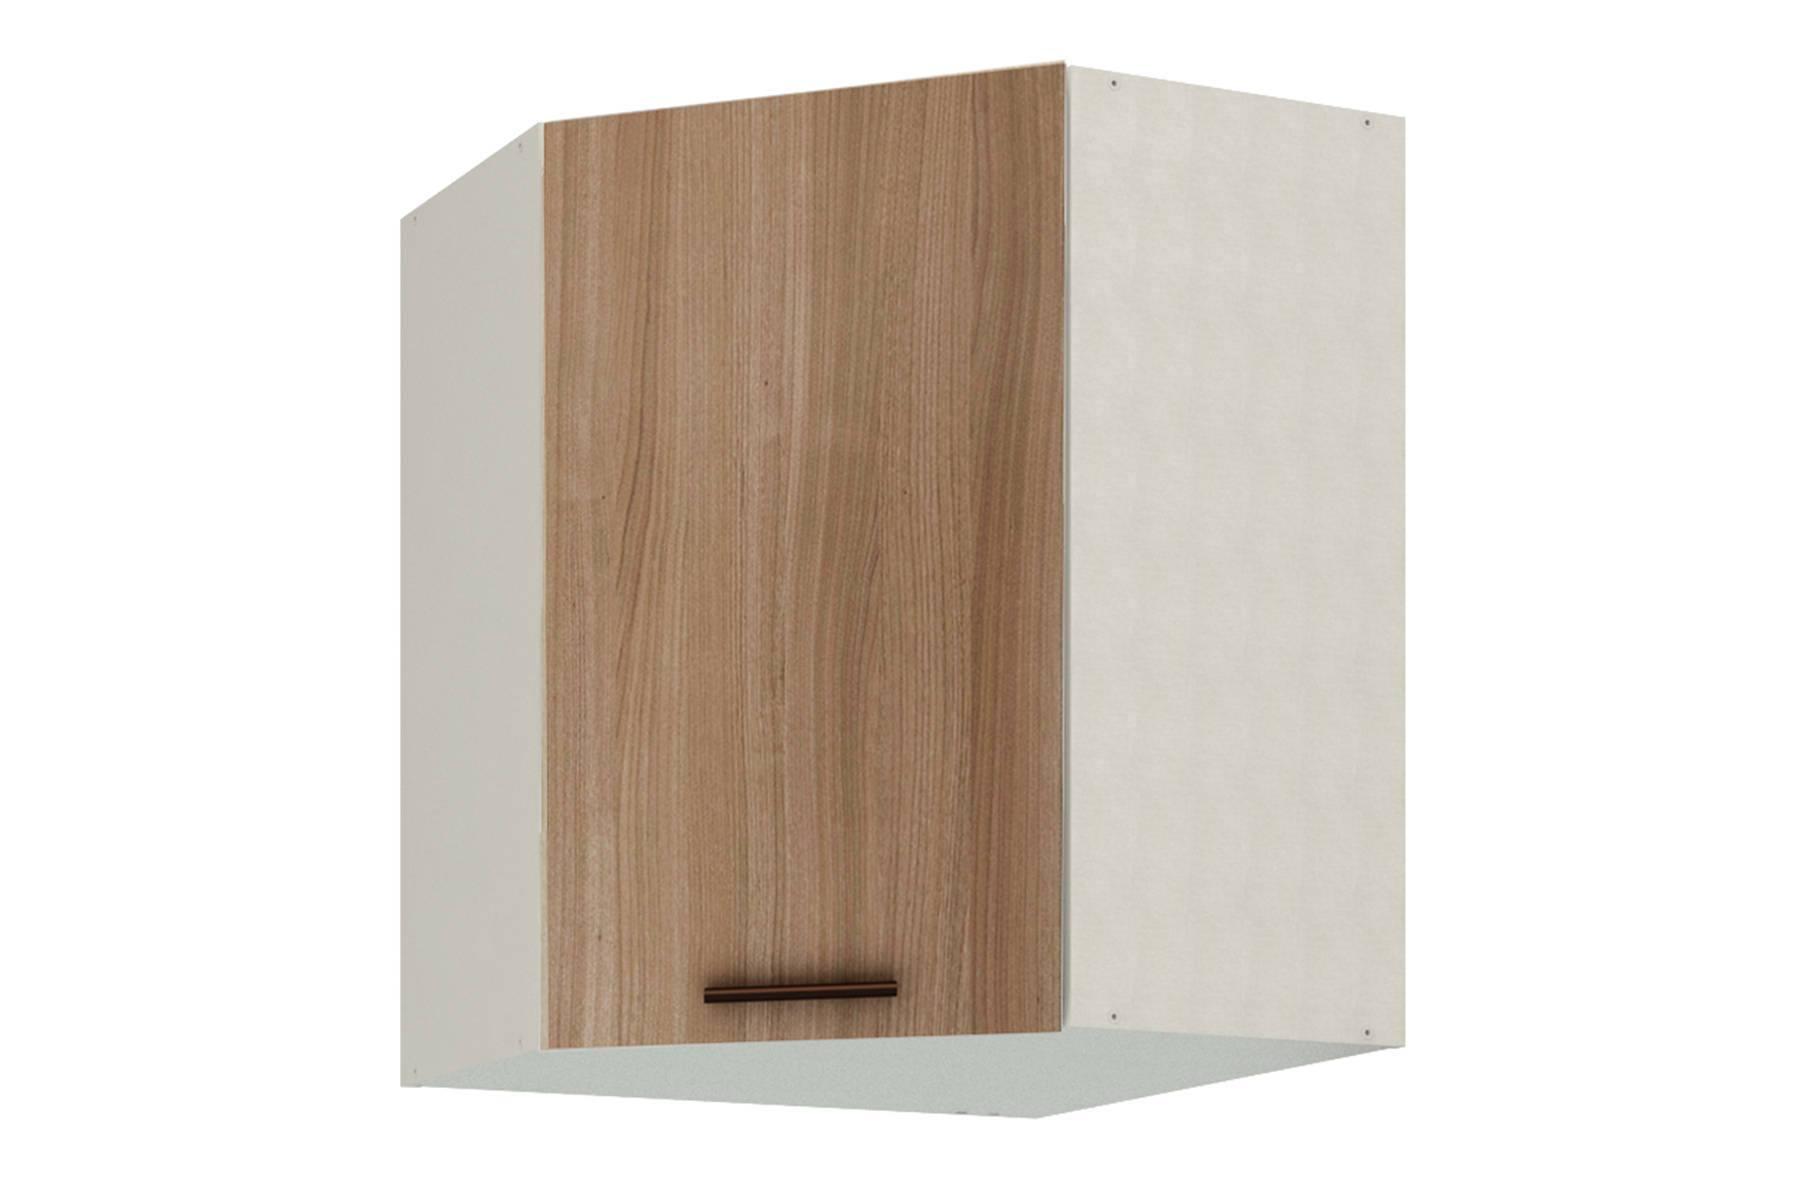 Ирис шкаф угловой с фасадом Ясень шимо темный